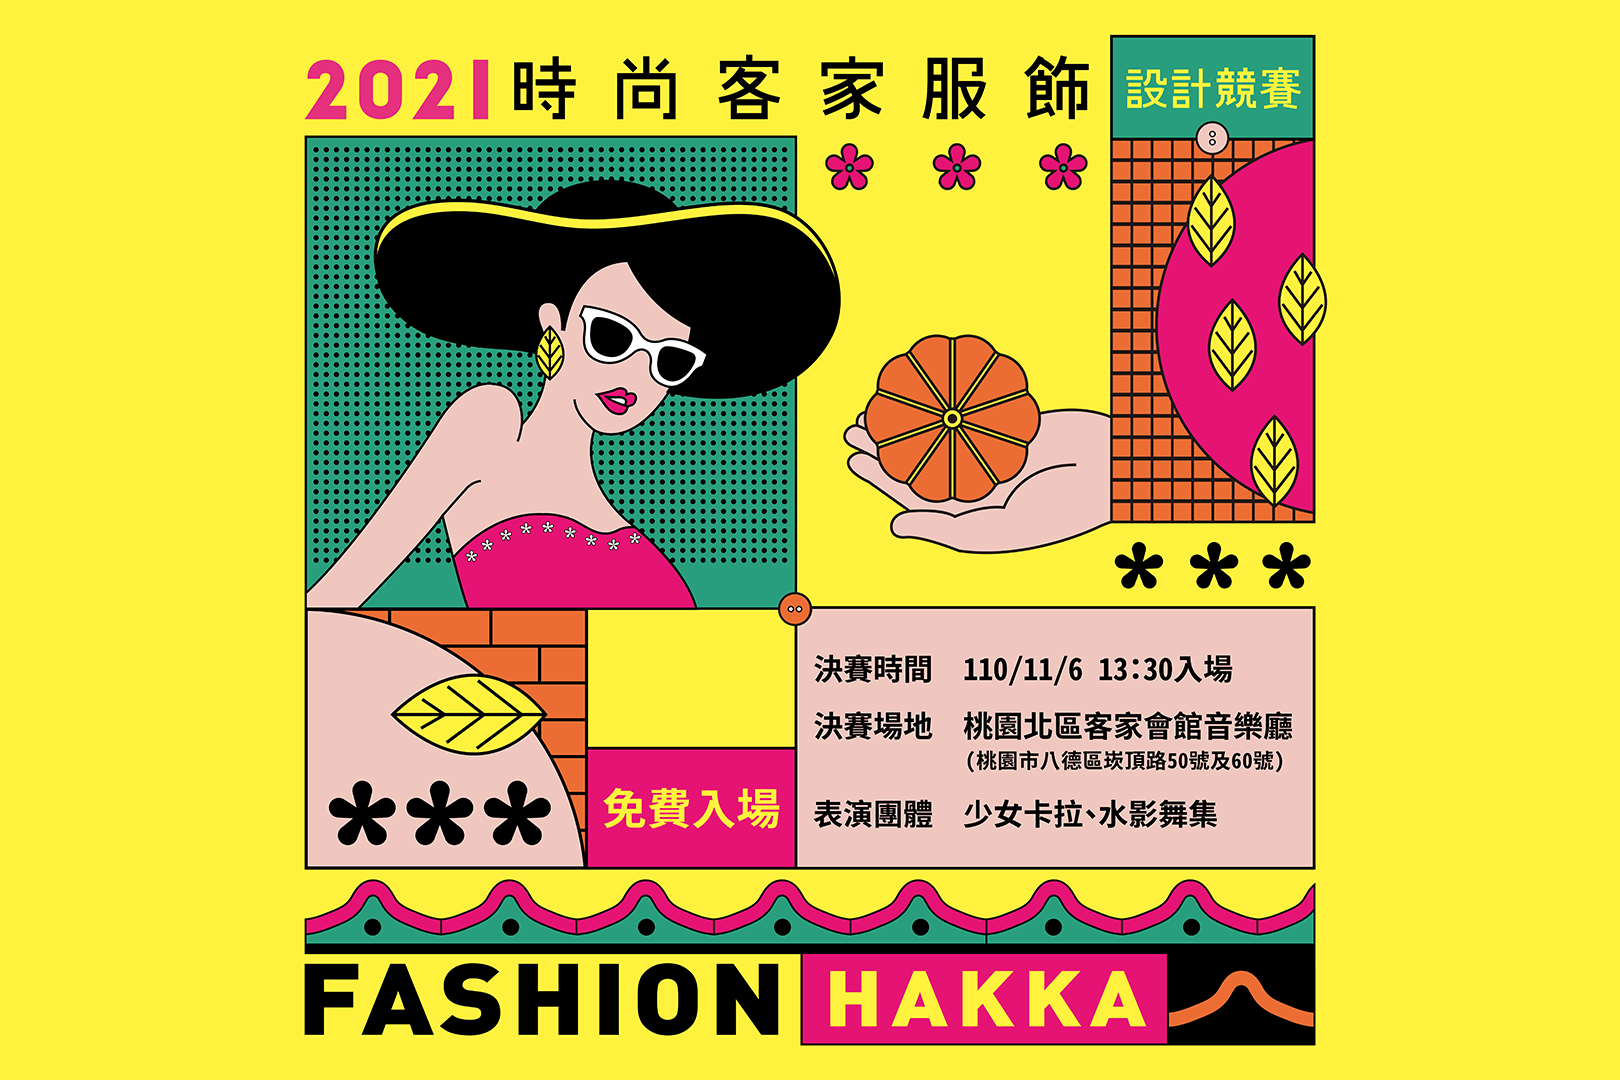 【2021時尚客家服飾設計競賽-決賽暨頒獎典禮】